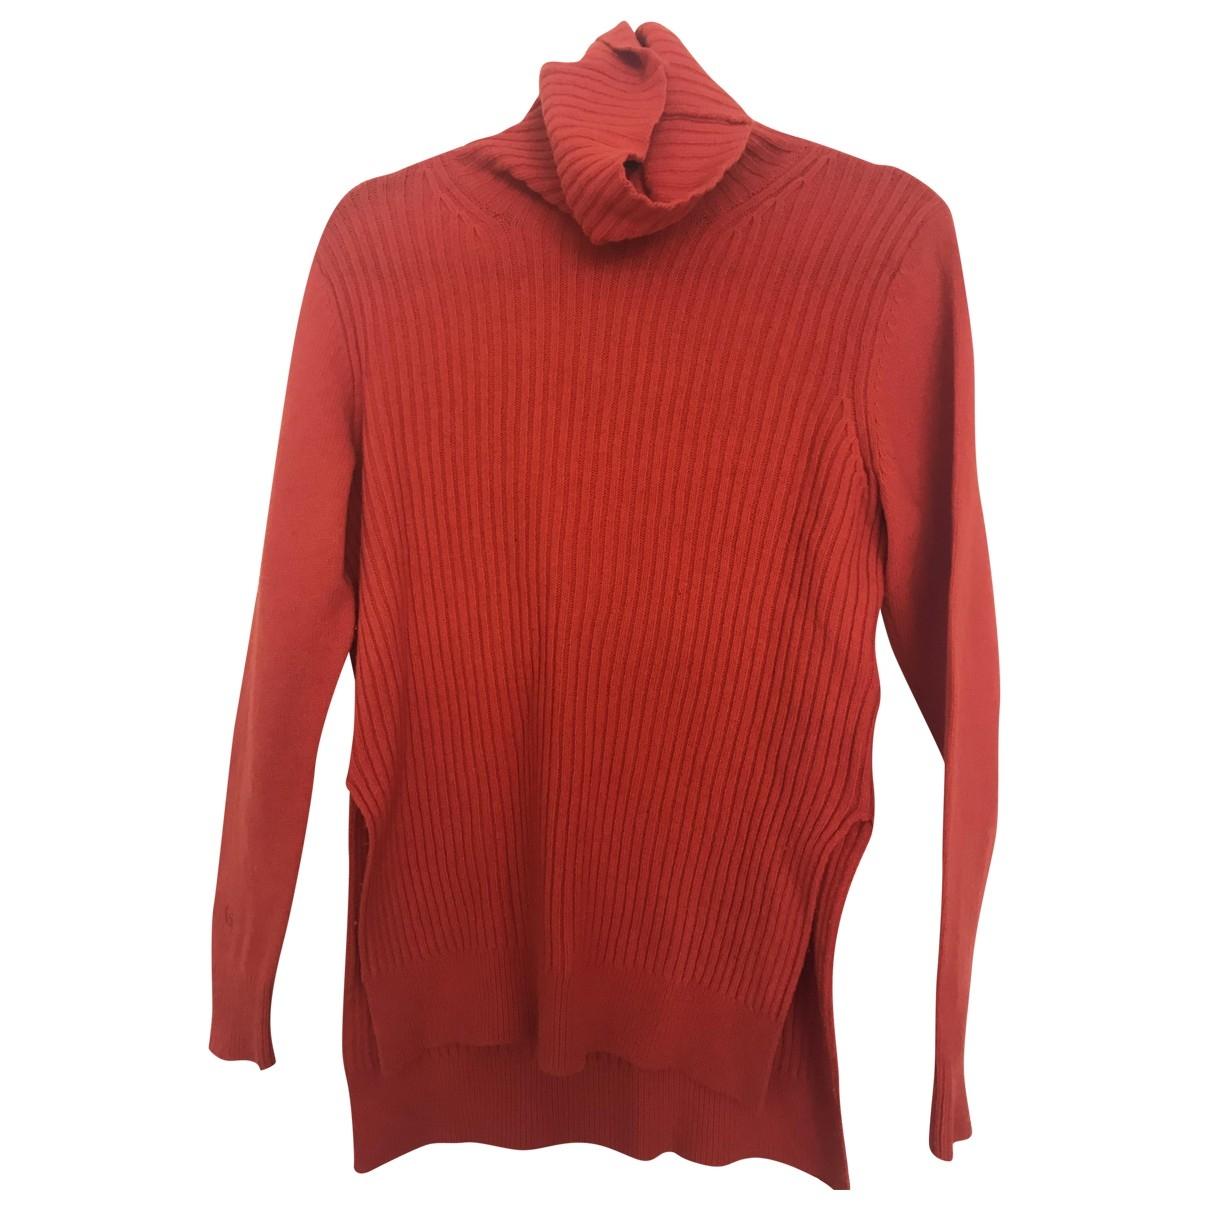 Ganni \N Red Wool Knitwear for Women S International